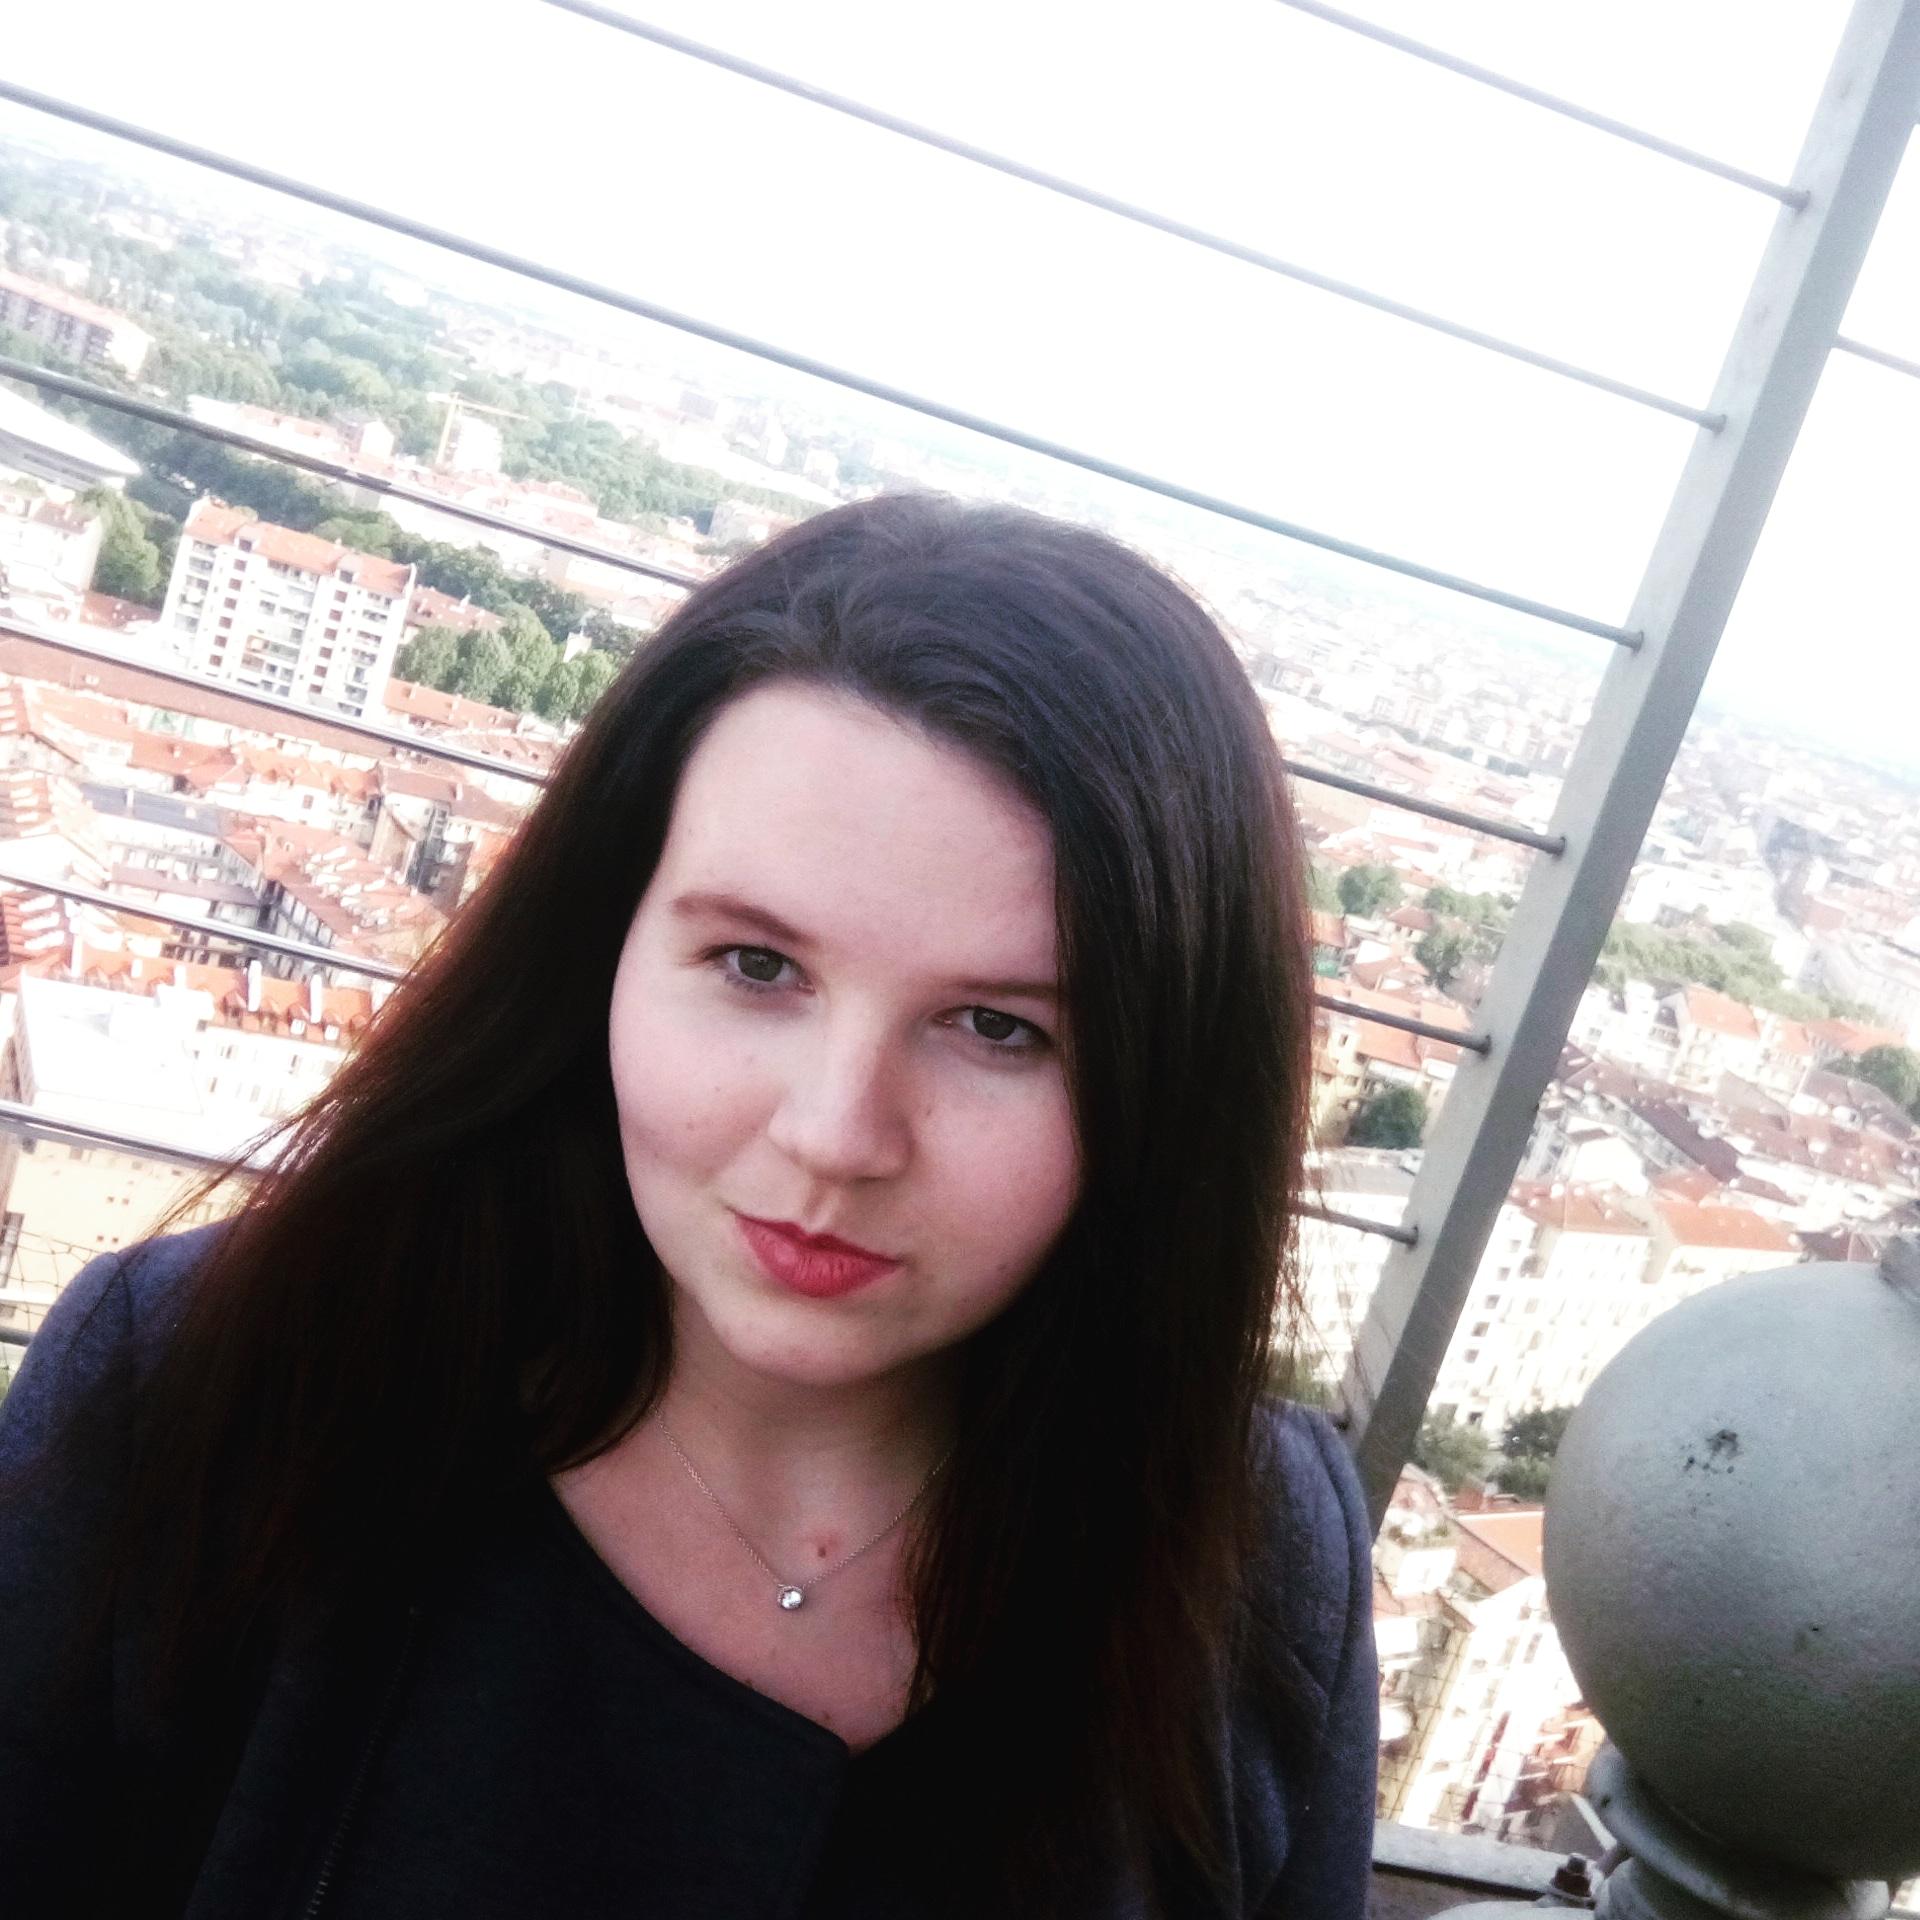 Eva Gladkovová, 23 Jahre, Jablonec nad Nisou